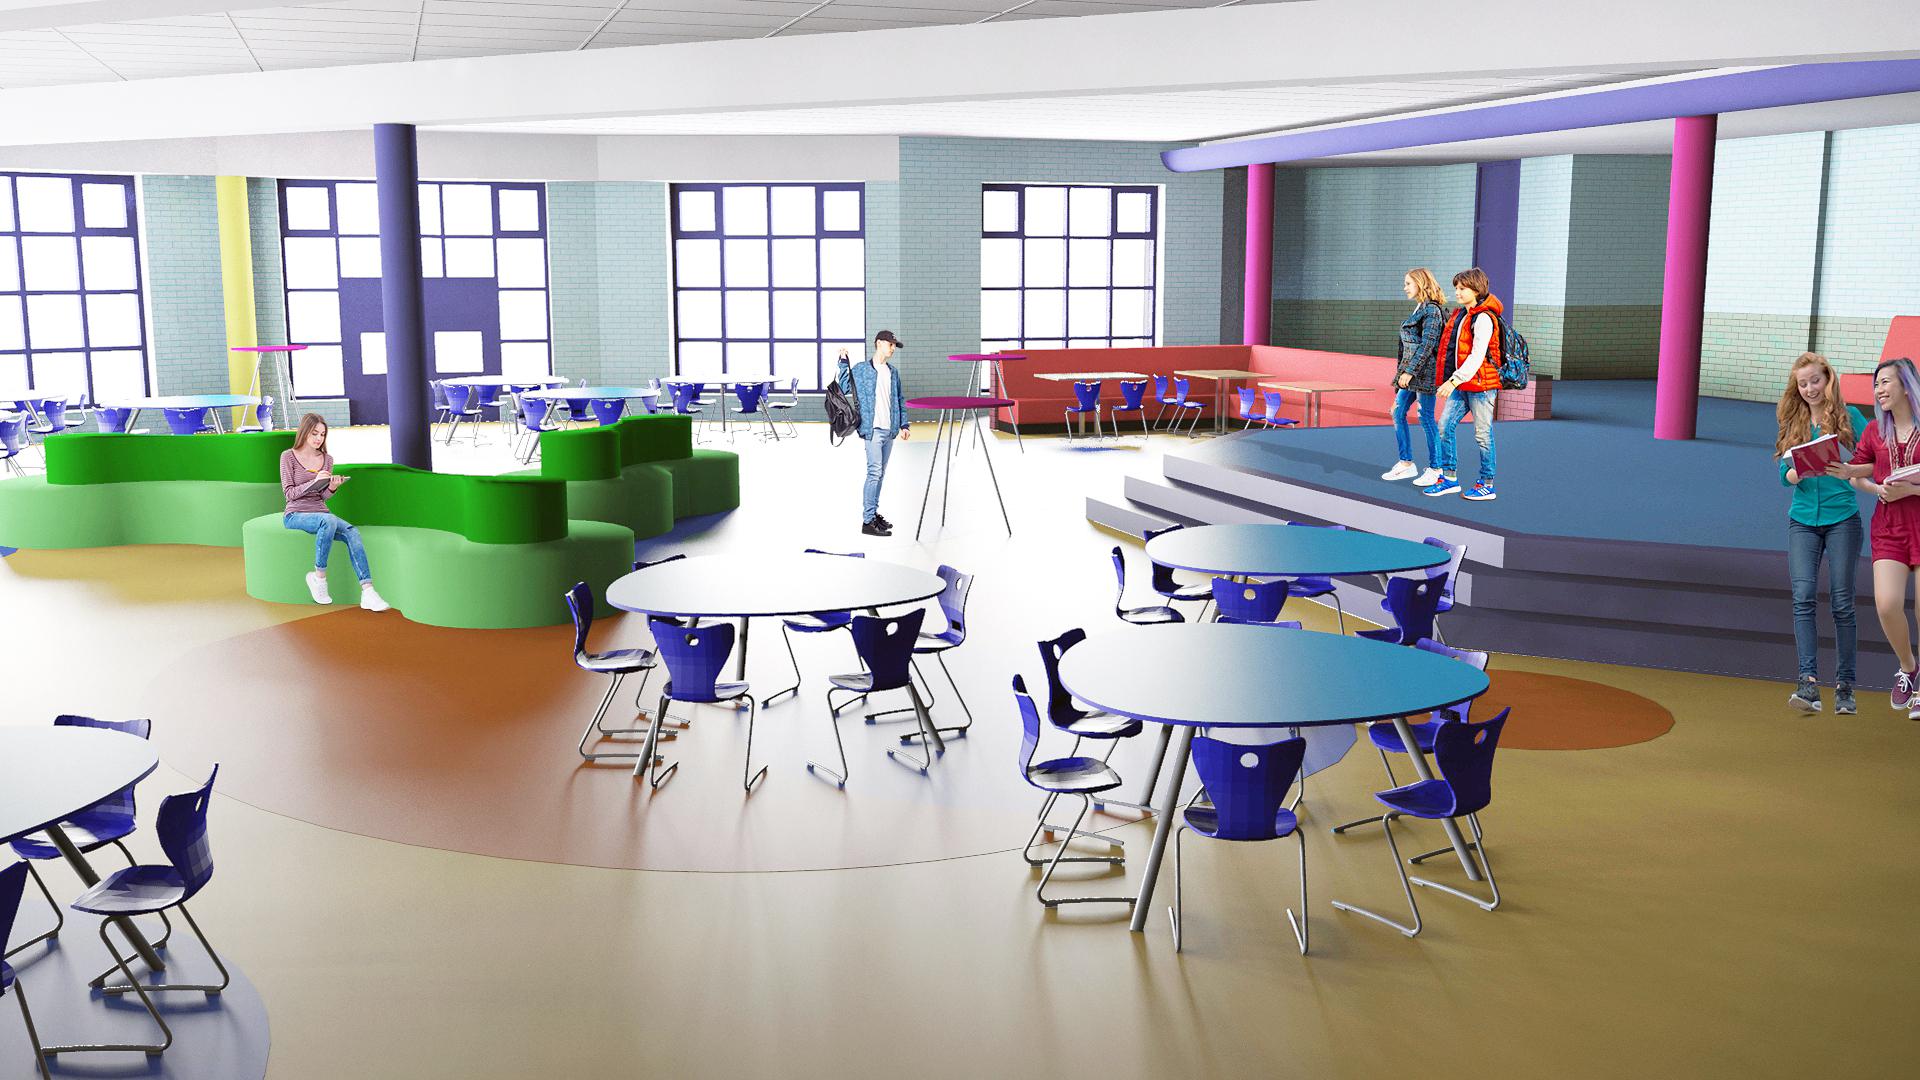 Inrichting aula College de Heemlanden, Houten.